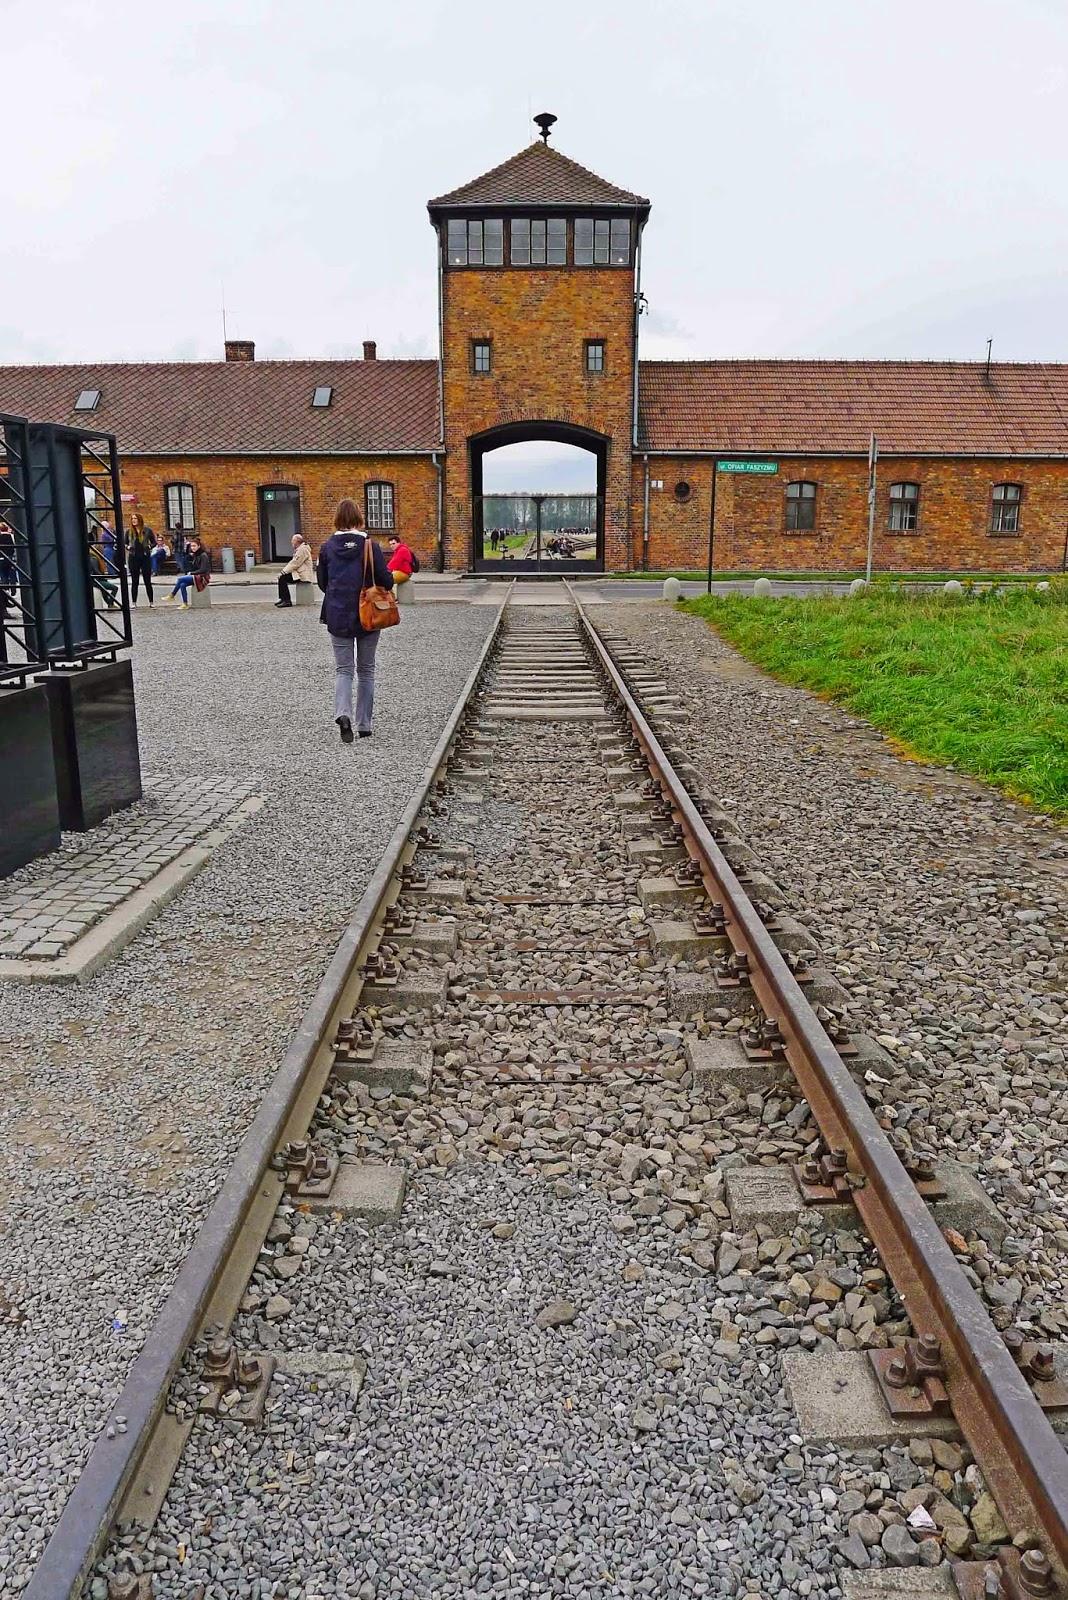 Entrance to Auschwitz Birkenau